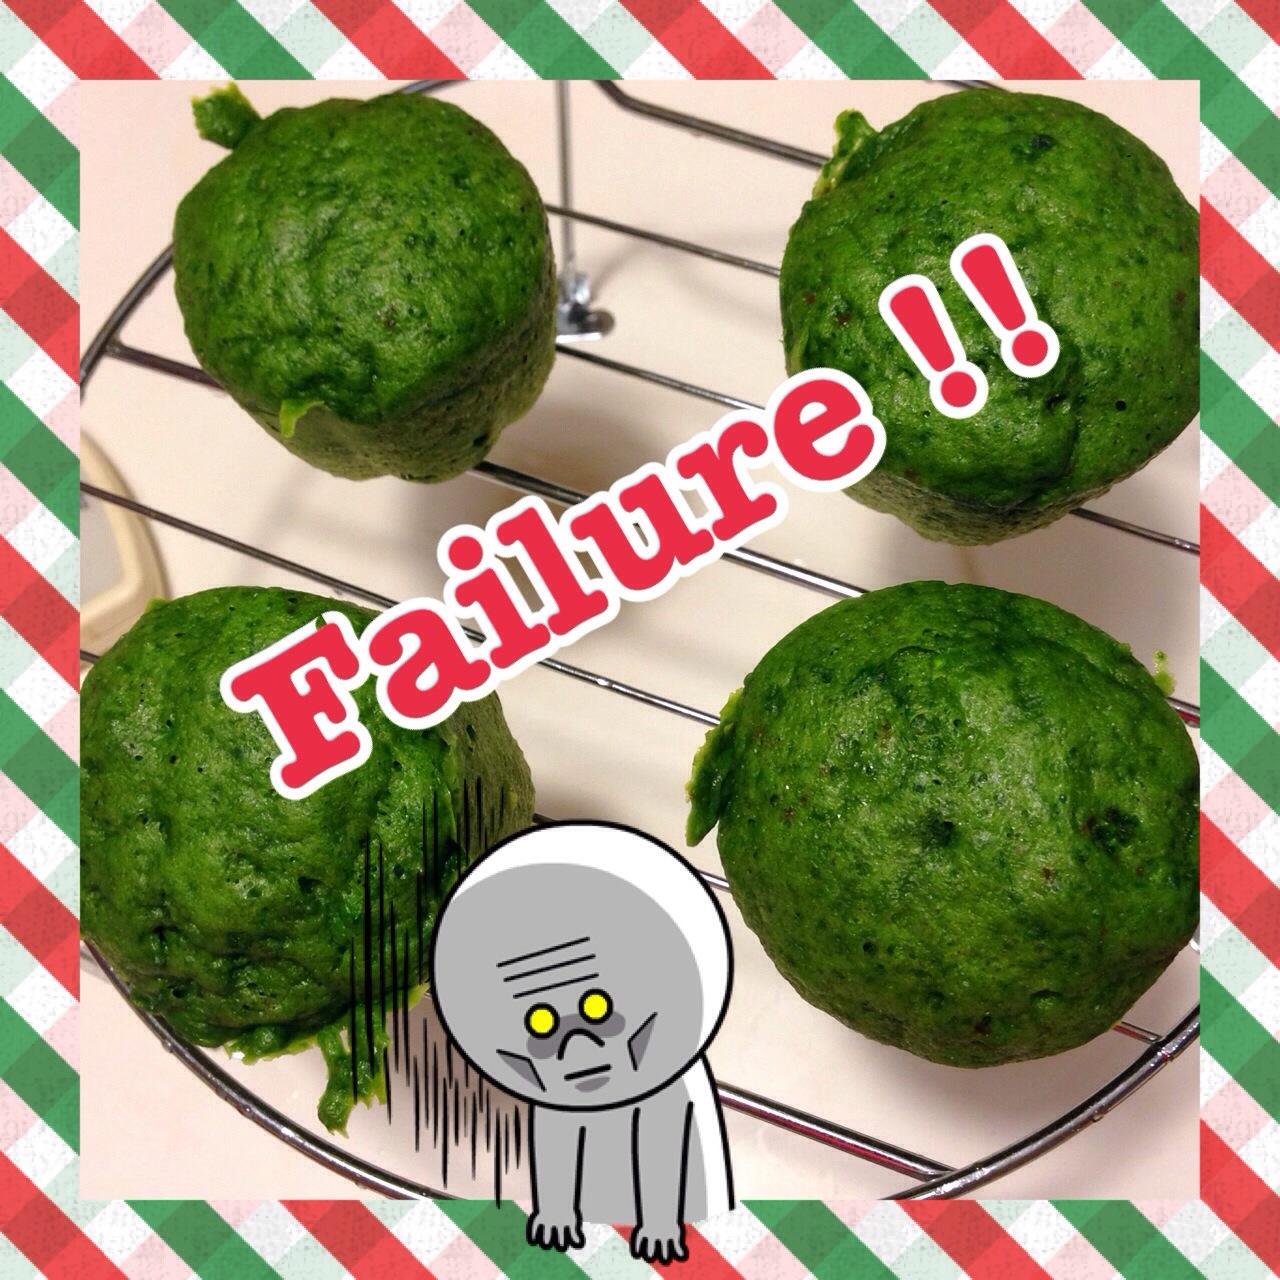 C: Failure